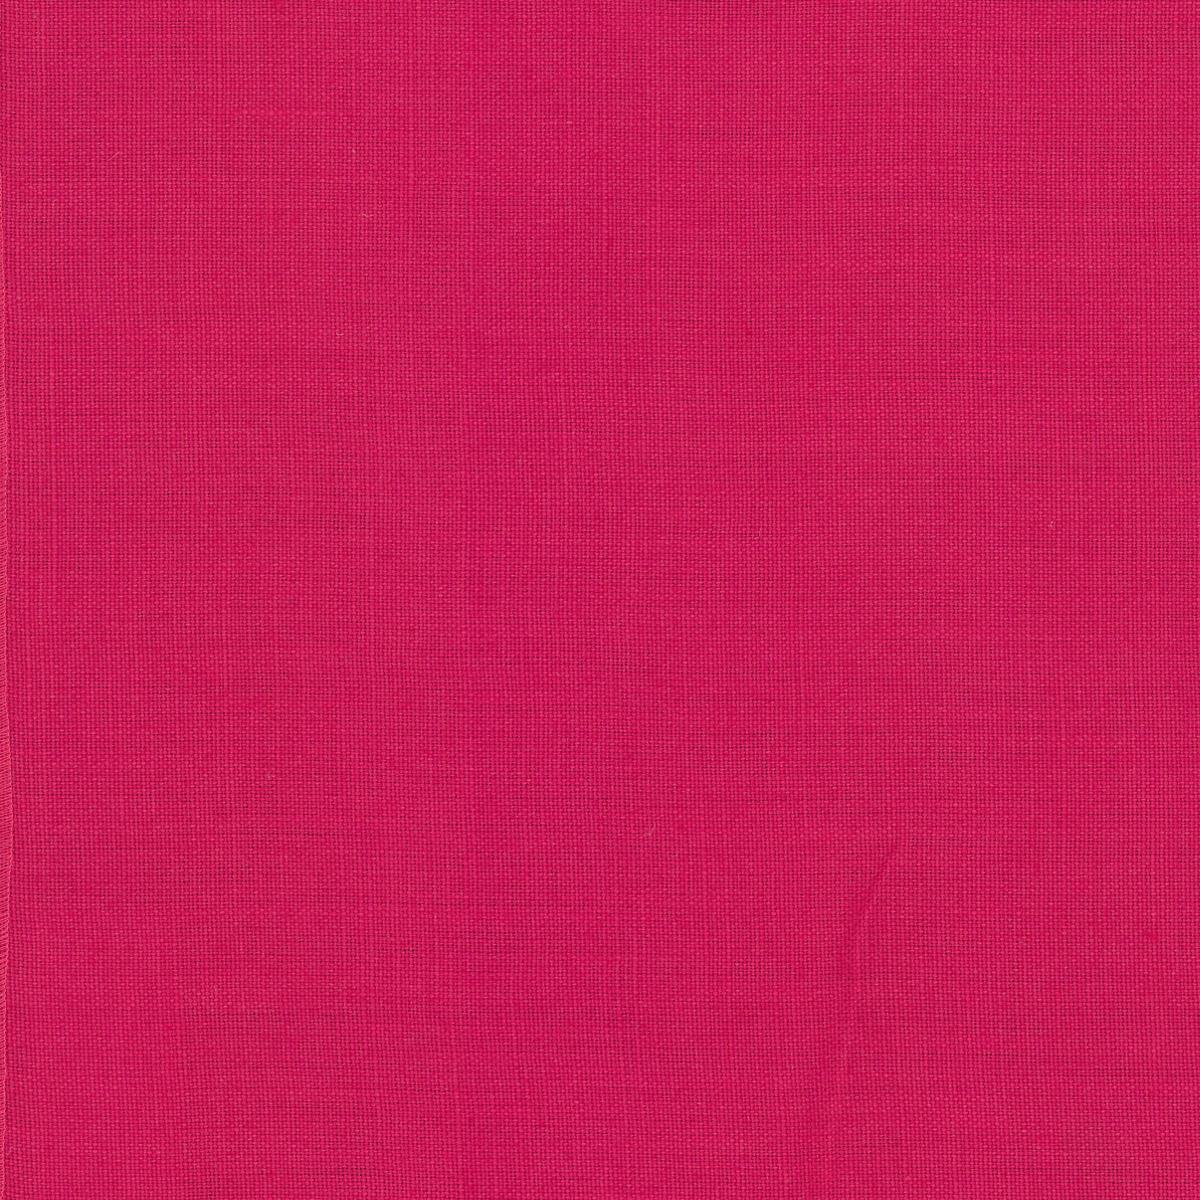 Estate Linen Fuchsia Fabric